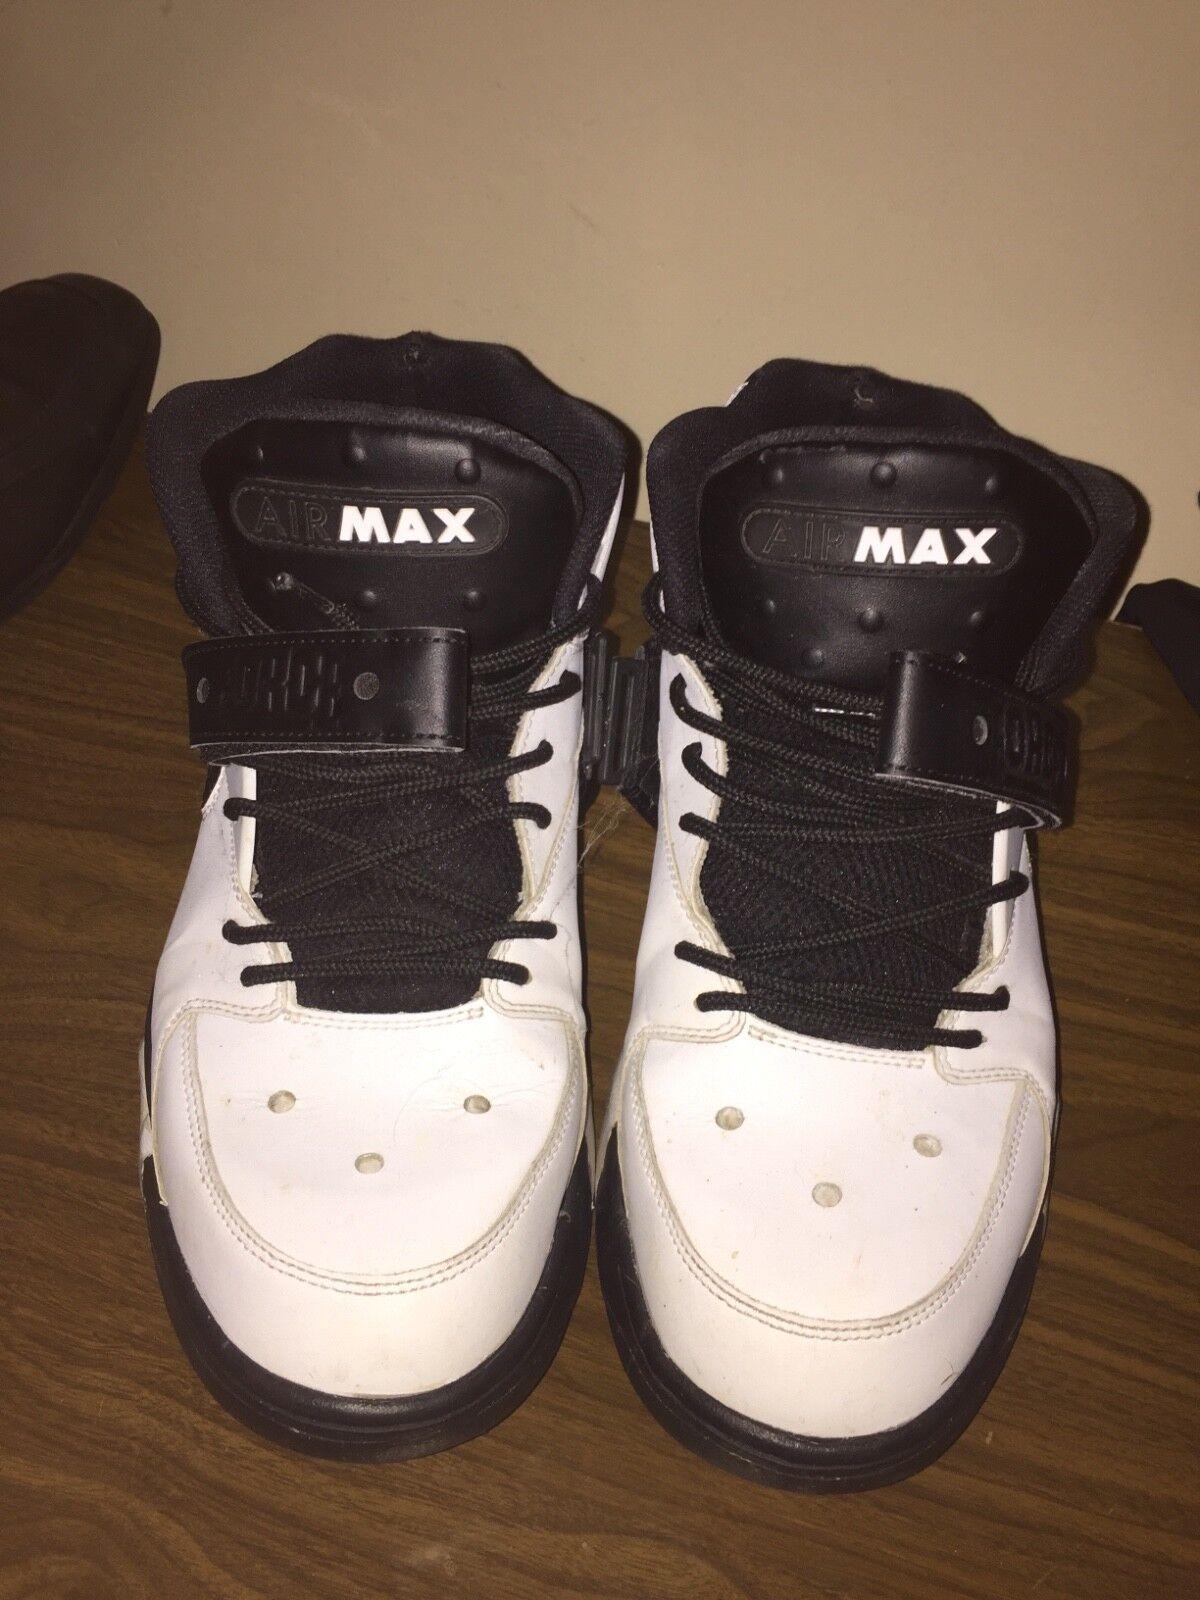 Nike Air Max Men's Sneakers, Size 11.5